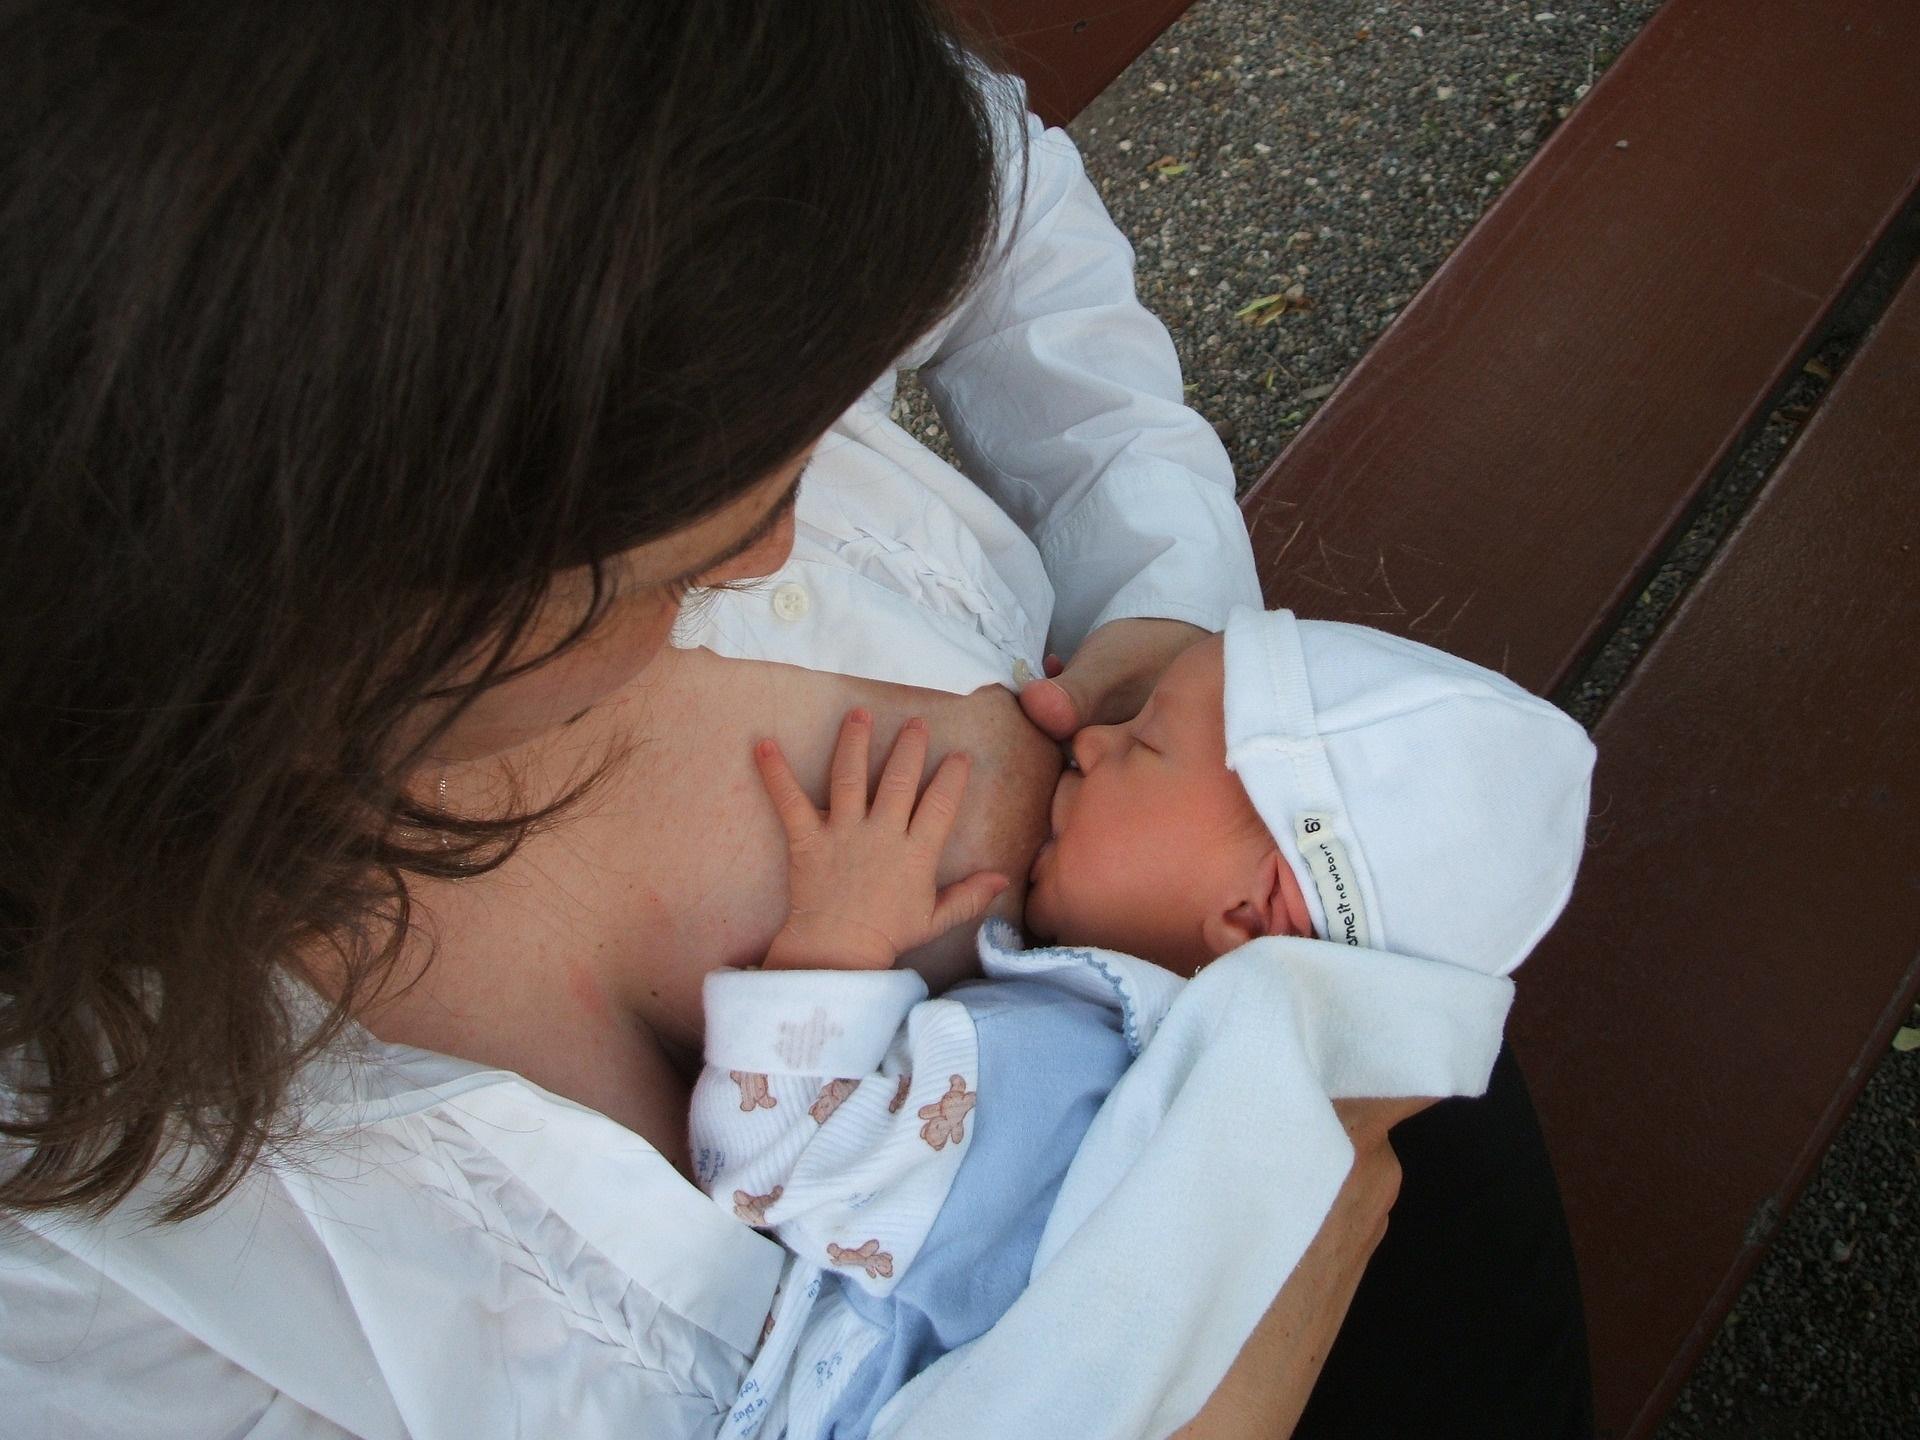 Svetovni teden dojenja 2021: Zaščita dojenja – skupna odgovornost